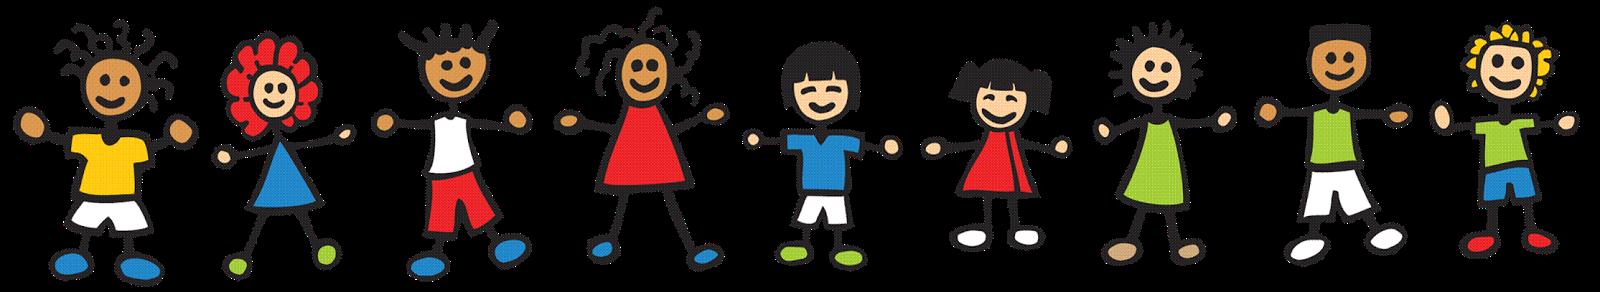 Kids Holding Hands Clip Art - clipartall .